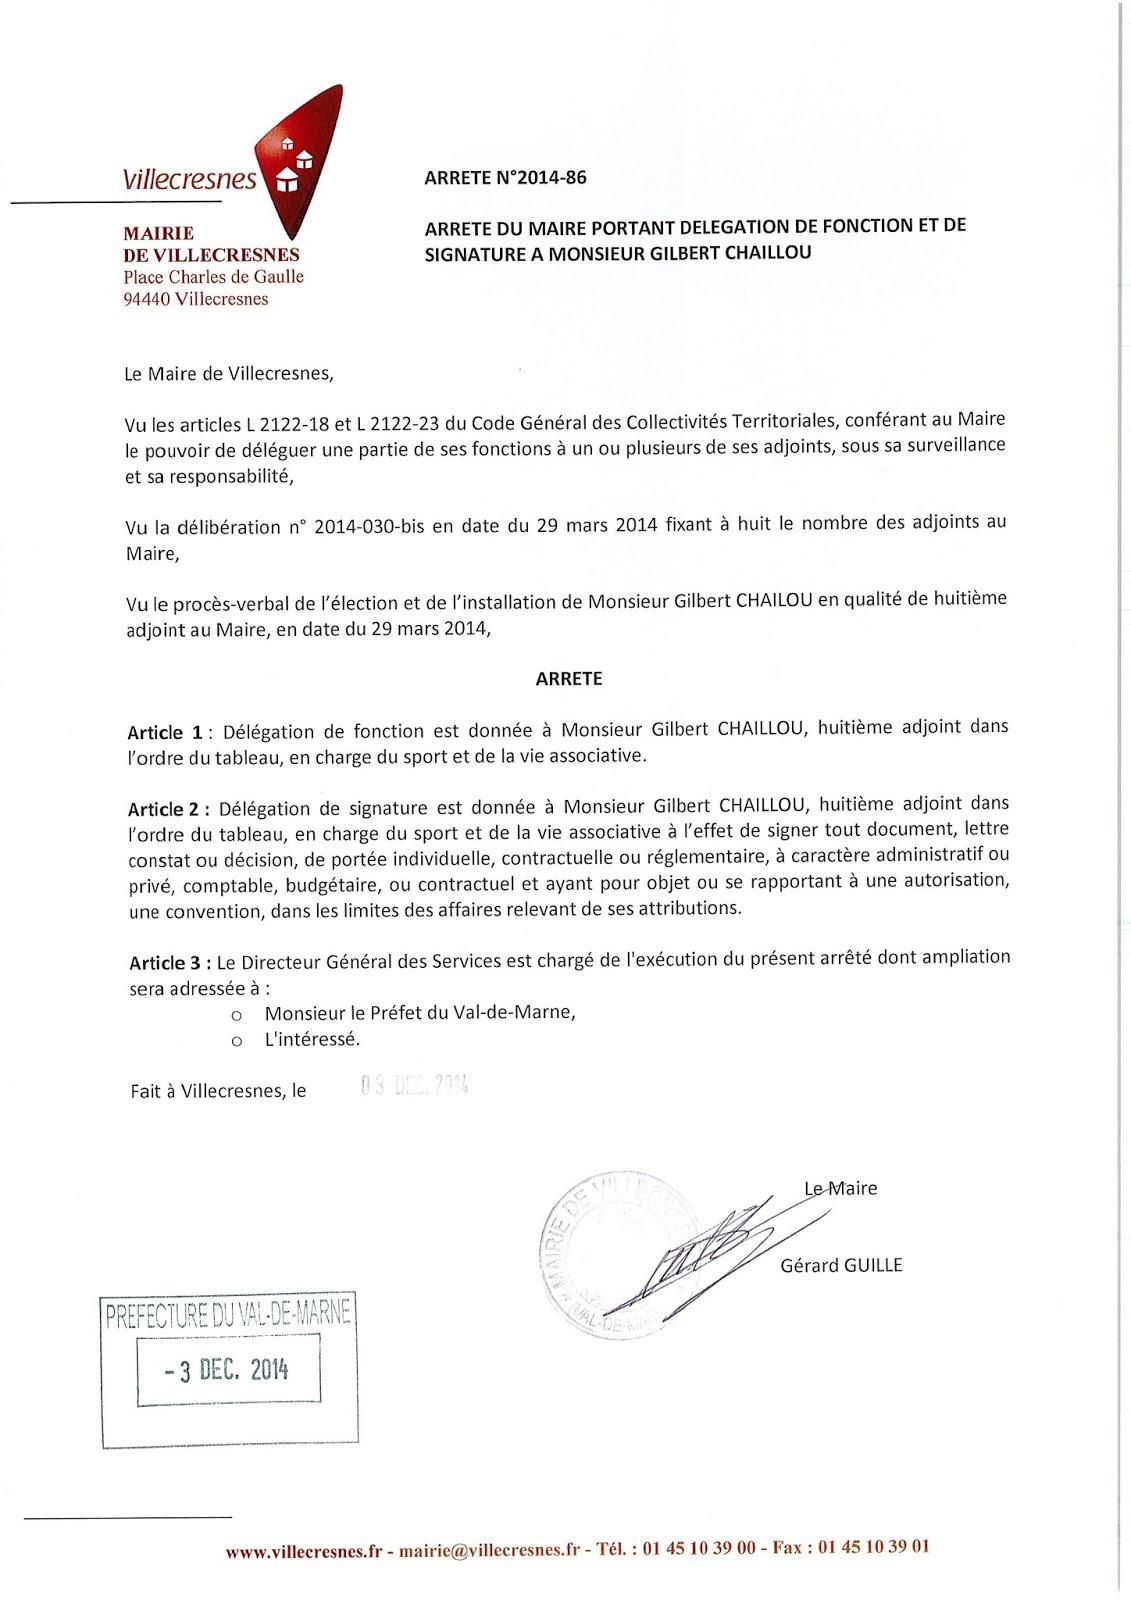 2014-086 Délégation de fonction et de signature à Monsieur Gilbert Chaillou